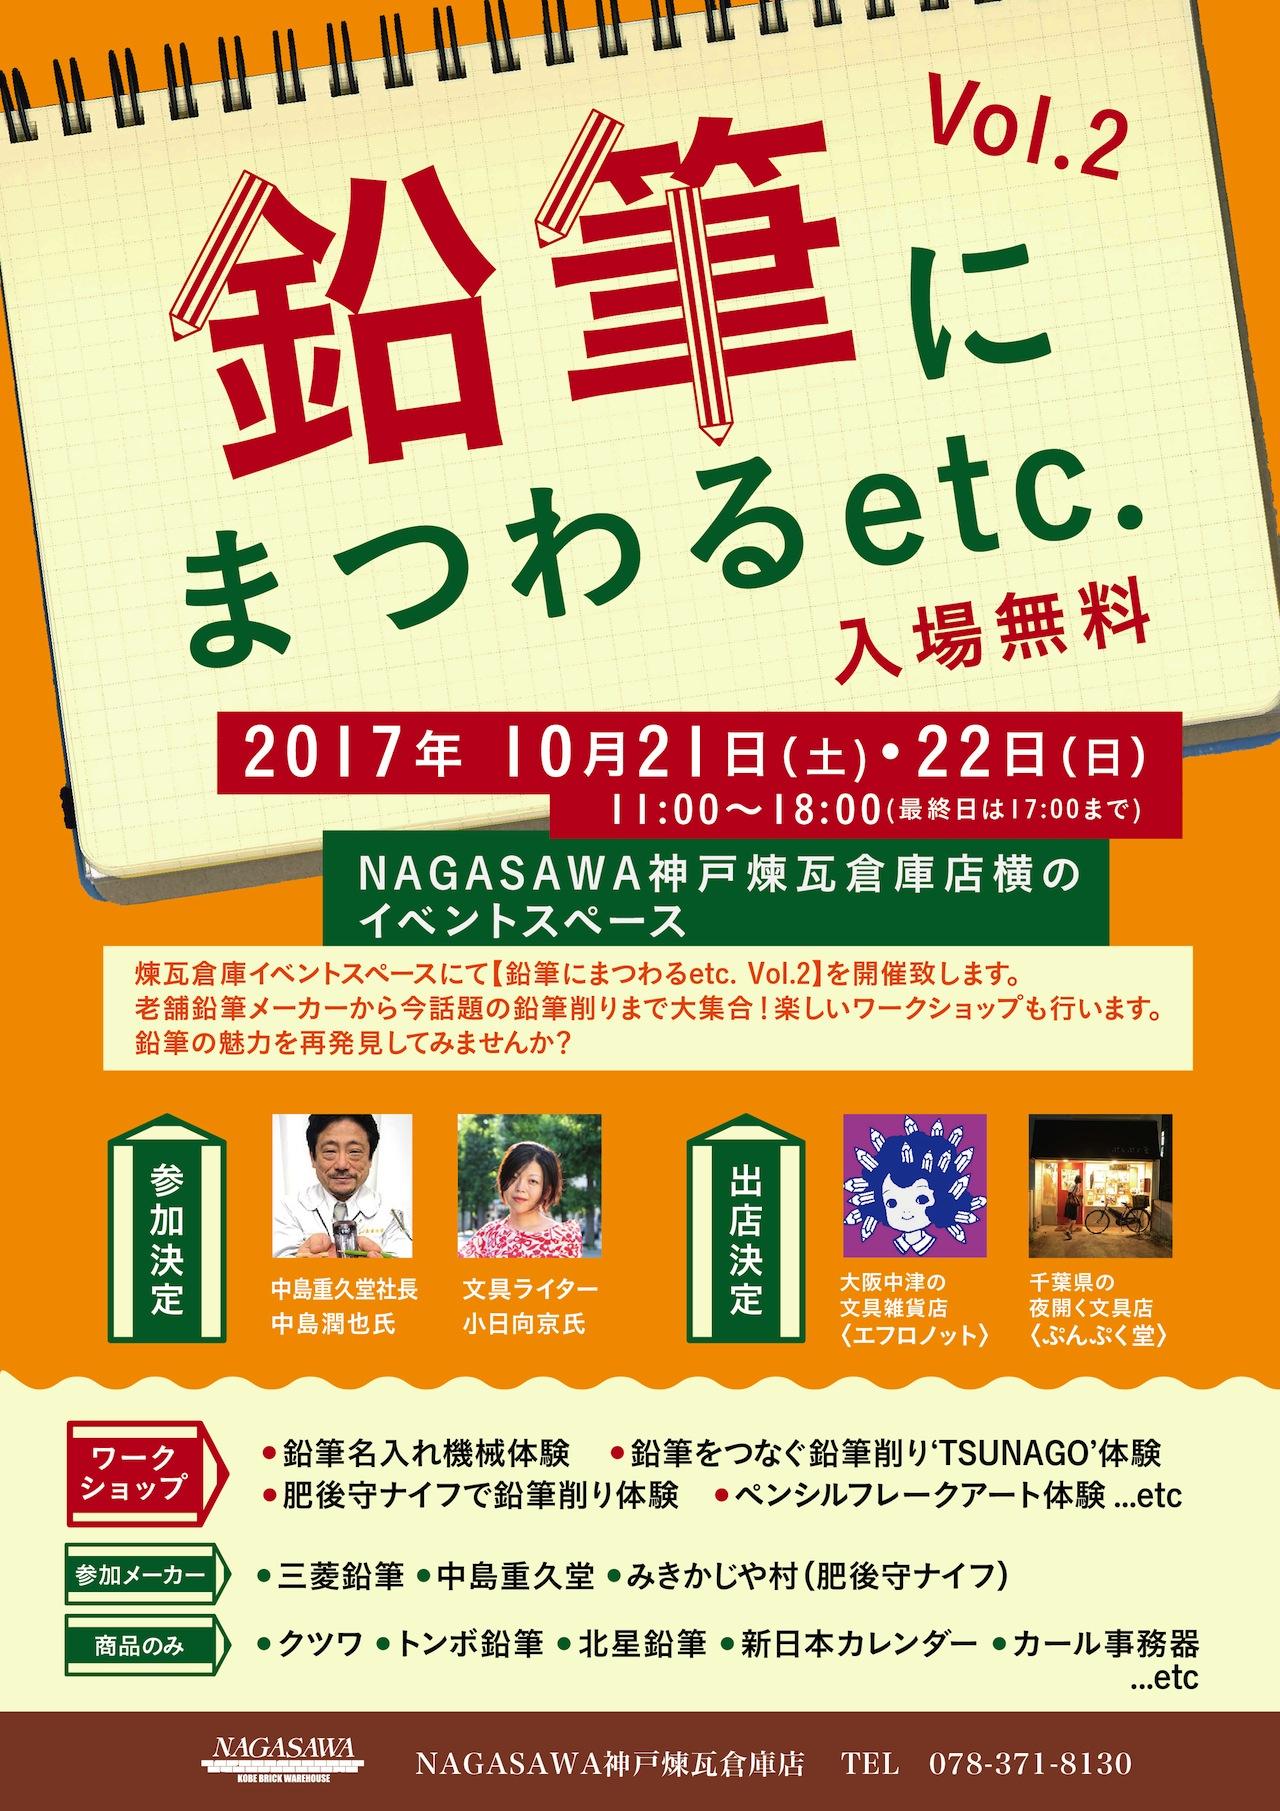 話題の鉛筆削り『TSUNAGO』を体験できるなど鉛筆にまつわるイベントを開催! @ハーバーランド